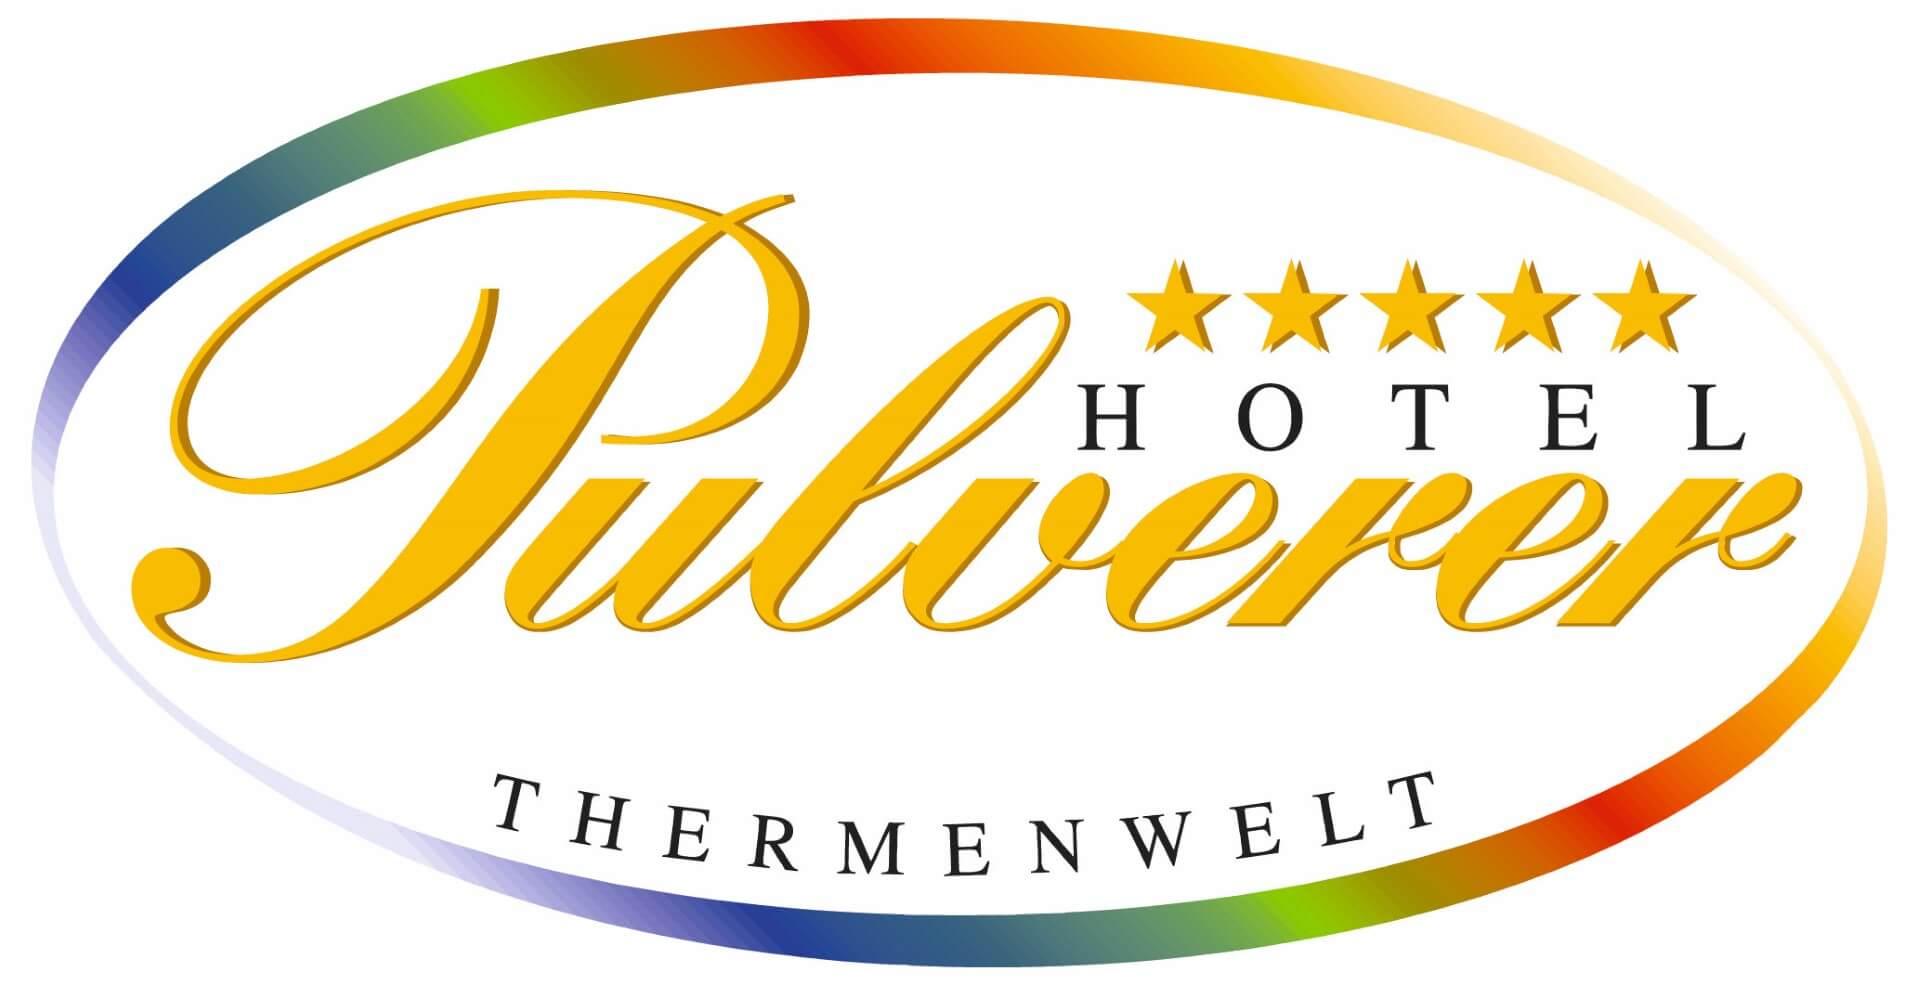 Thermengutschein Thermenwelt Hotel Pulverer***** online kauufen